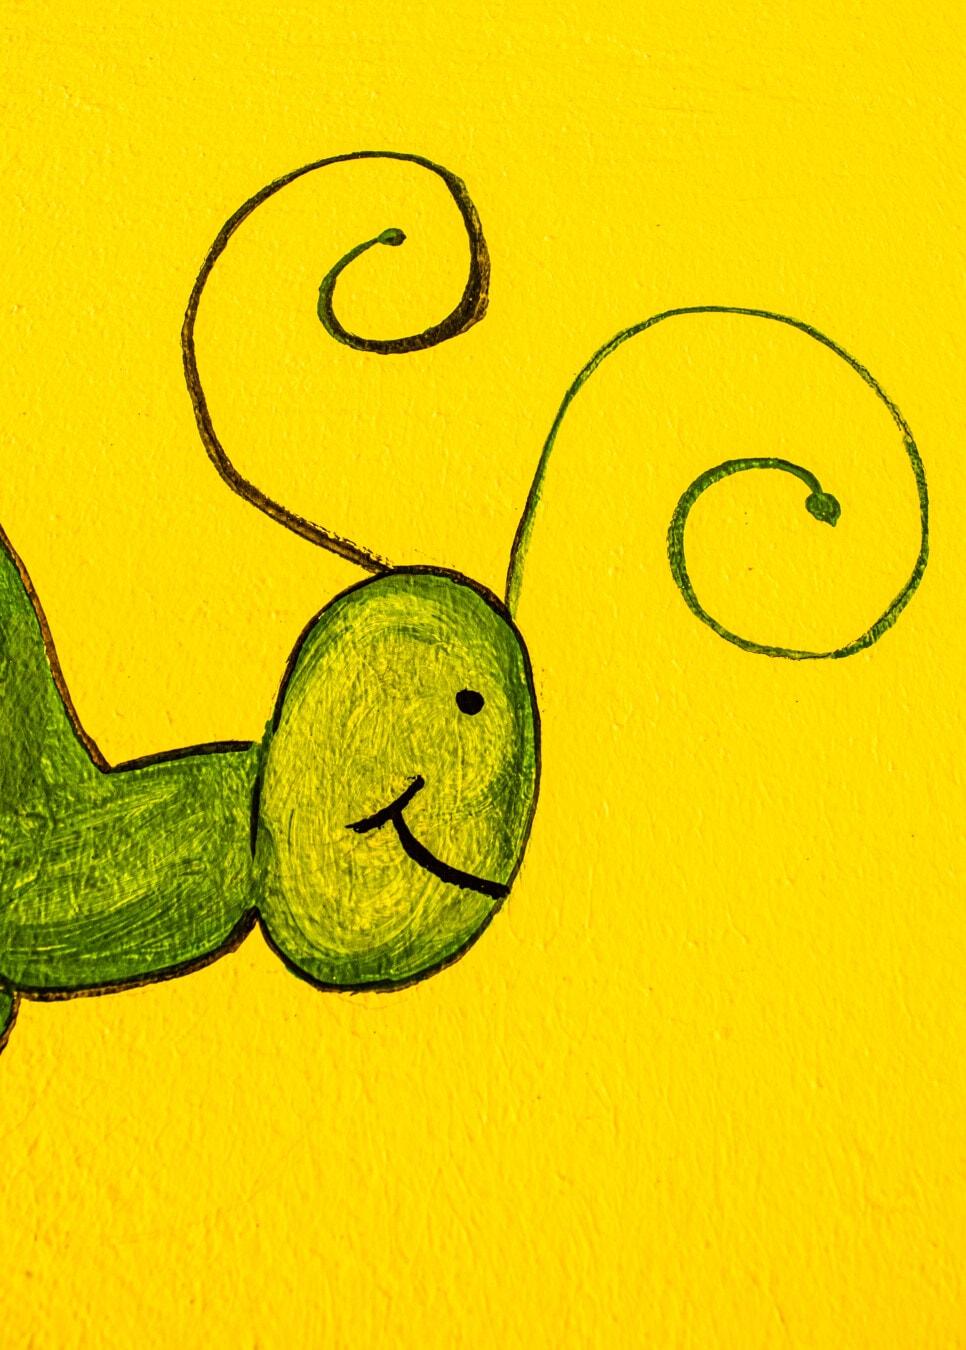 aus nächster Nähe, Schmetterling, Grafik, Kopf, Skizze, grünlich gelb, Abbildung, Kunst, Textur, Design